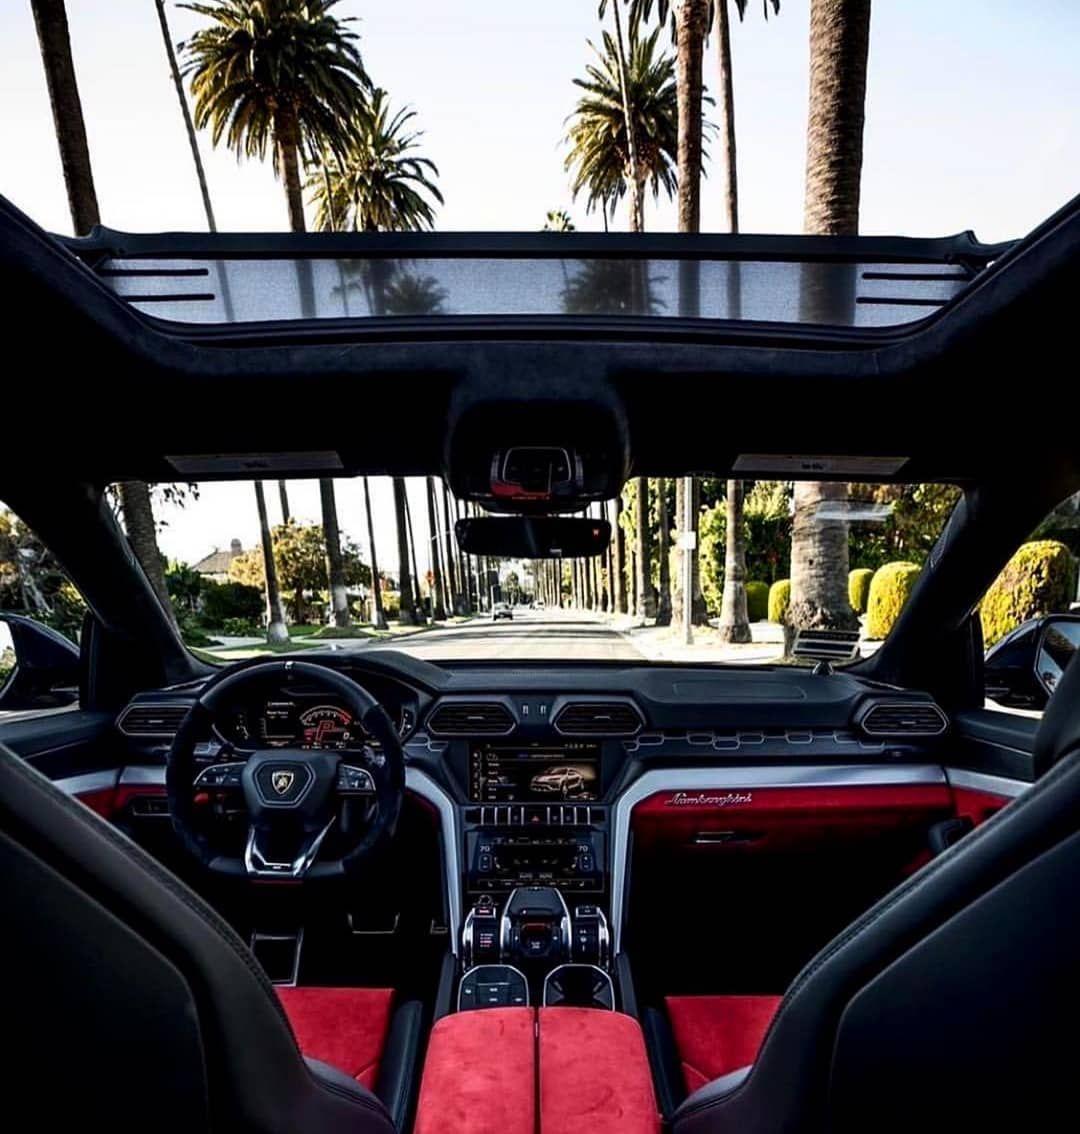 Lamborghini Urus Interior What Do You Think Of This Interior Lambos Lamborghiniurus Urusinterio Lamborghini Urus Interior Luxury Car Interior Car Interior